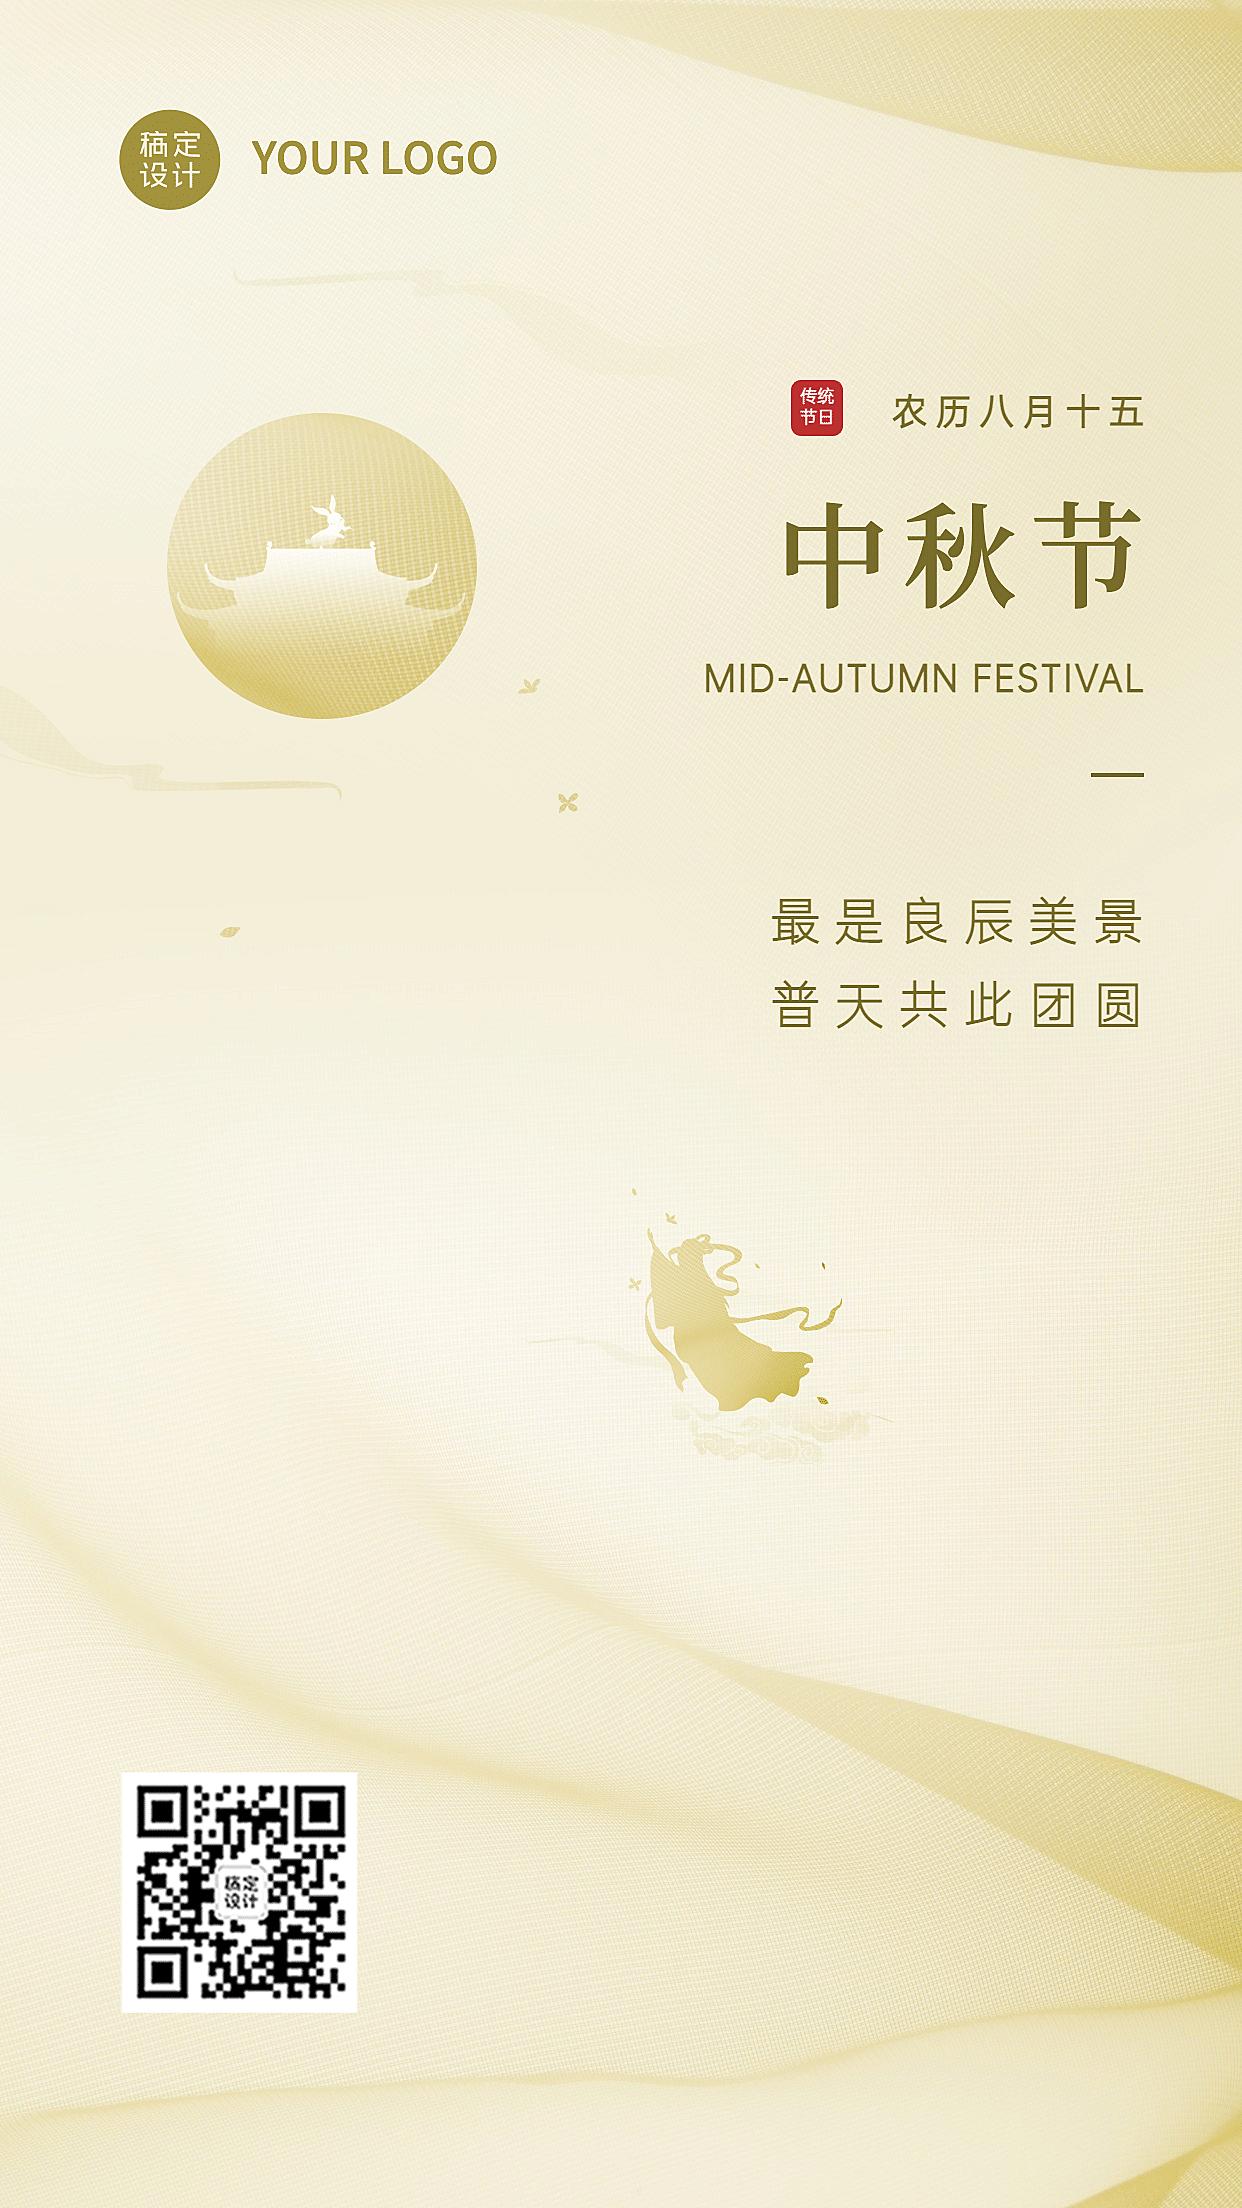 中秋节祝福团圆简约质感手机海报